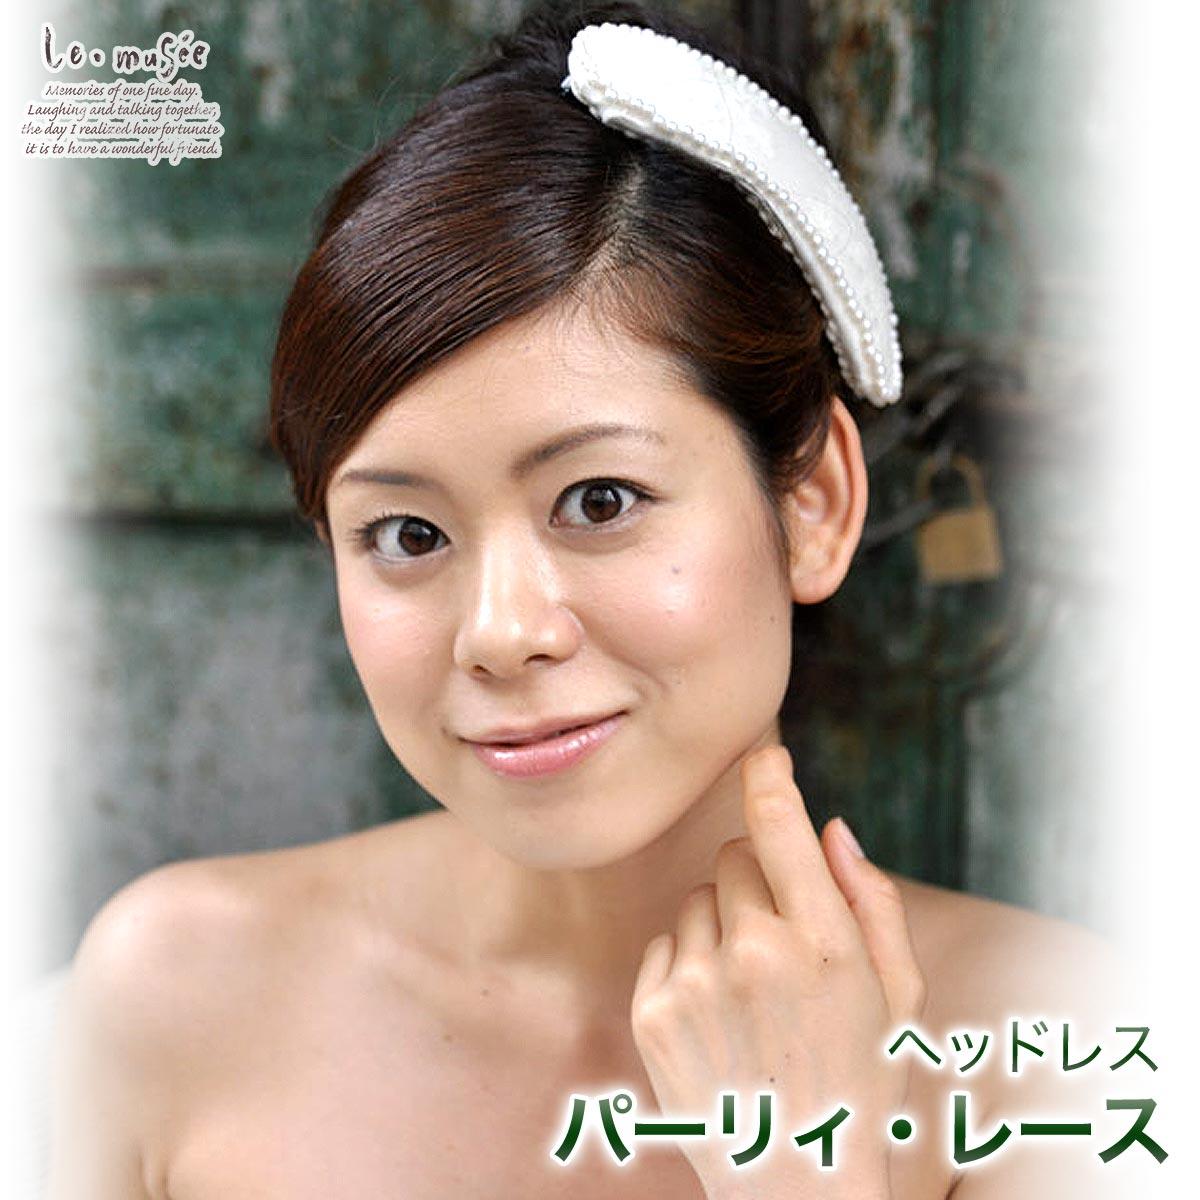 【シルクフラワーヘッドドレス(髪飾り)】  ボンネ パーリィ・レース